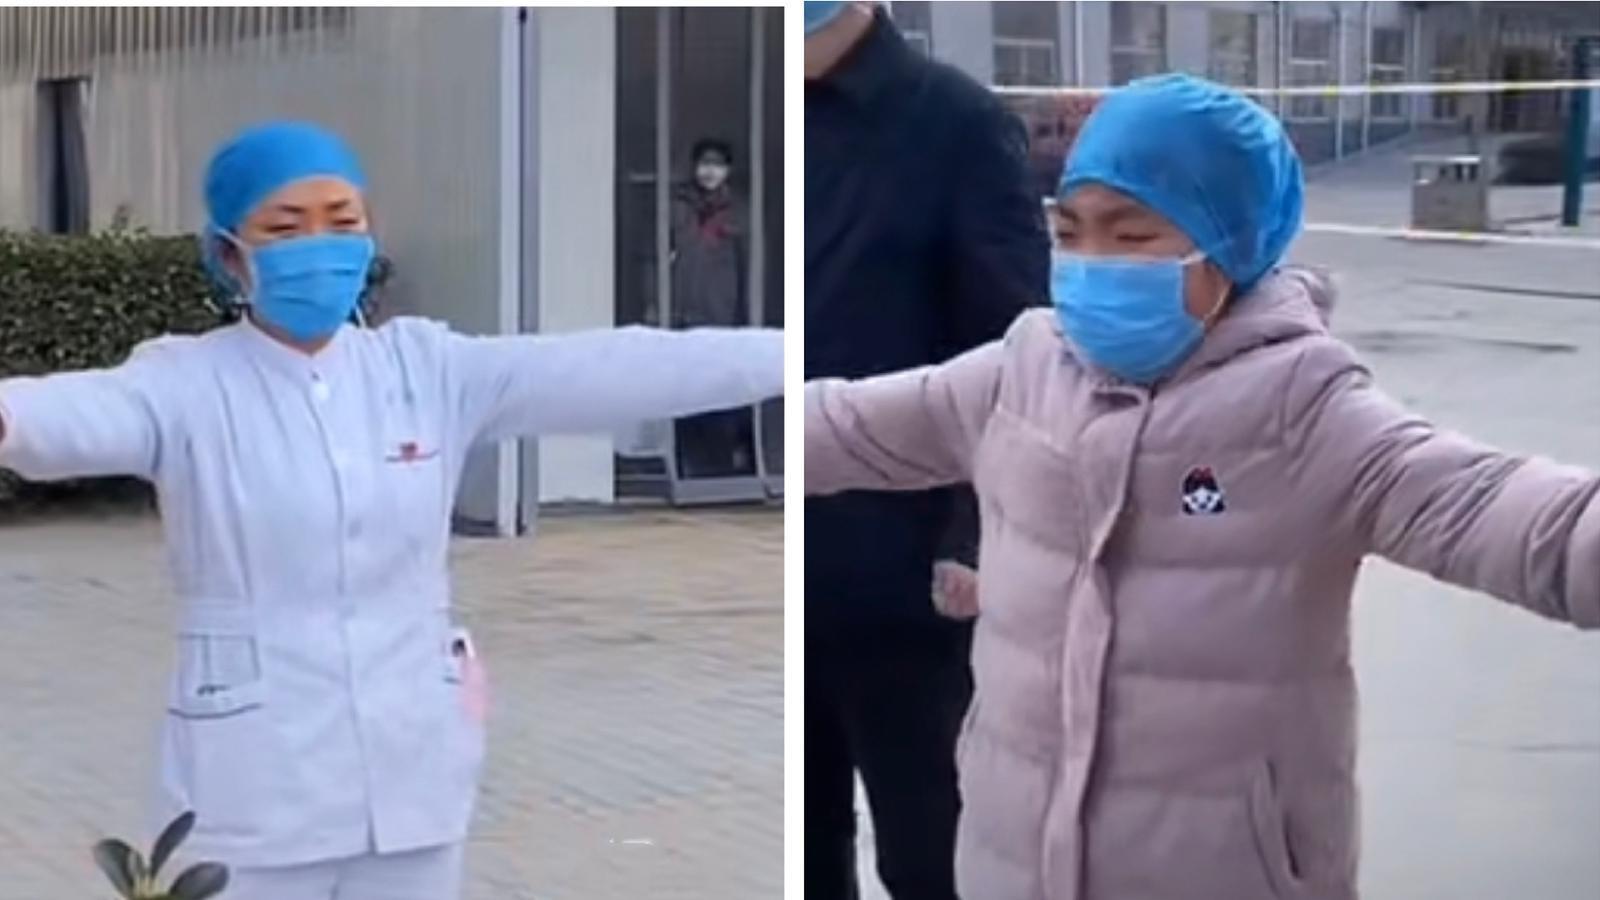 """【新冠肺炎】护士妈妈医院抗炎 女童隔空拥抱""""我好想你"""""""